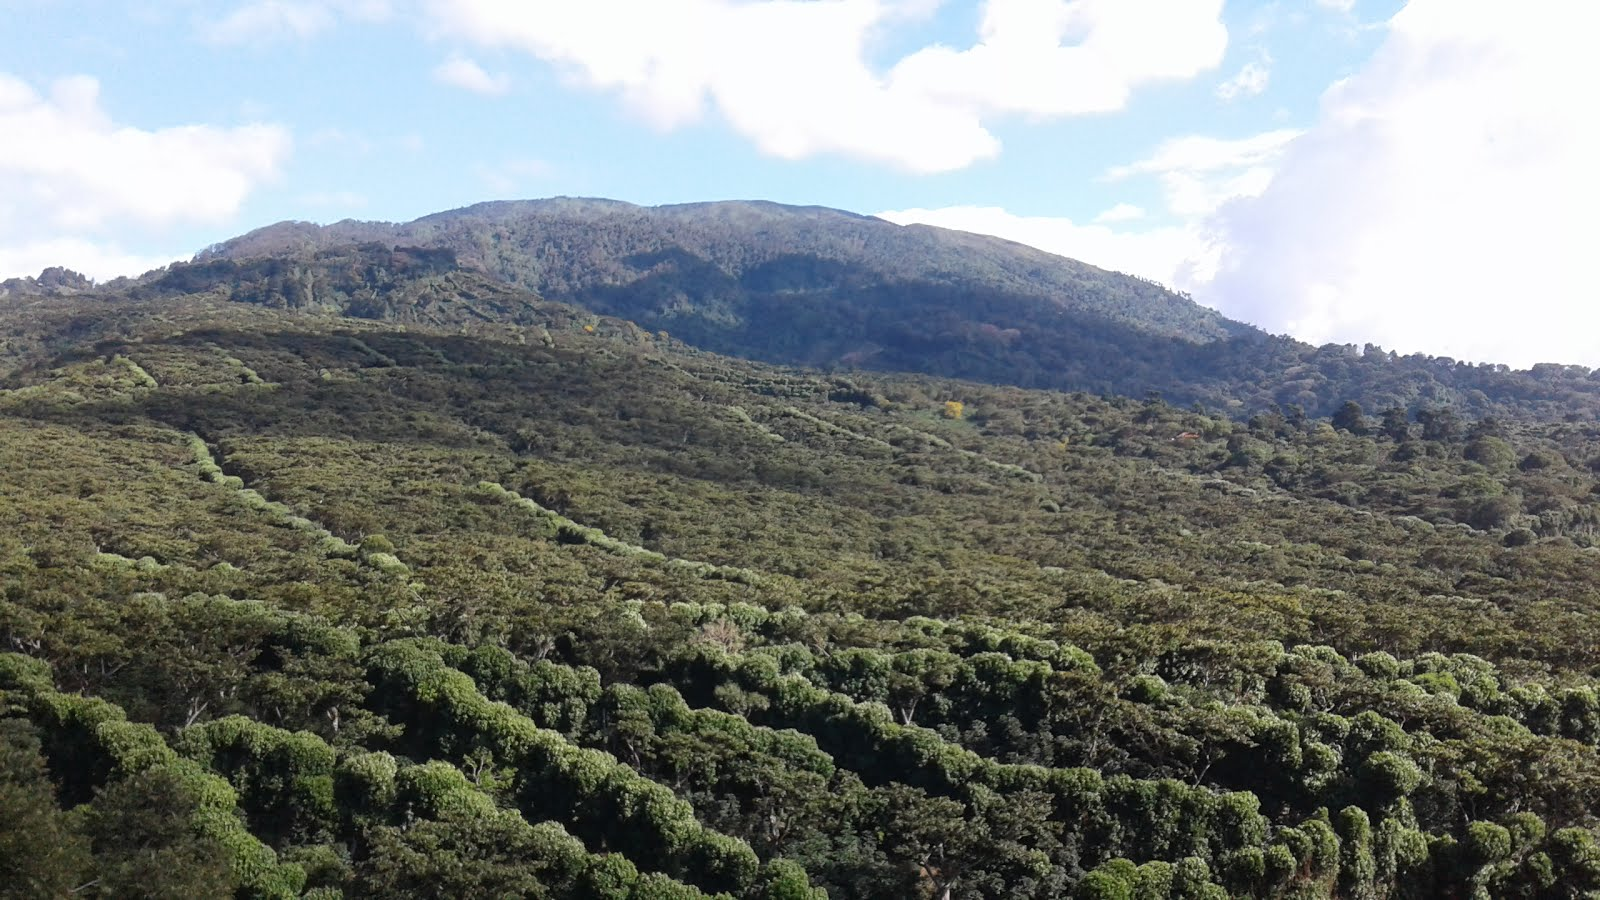 Volcán de Santa Ana, Ilamatepec